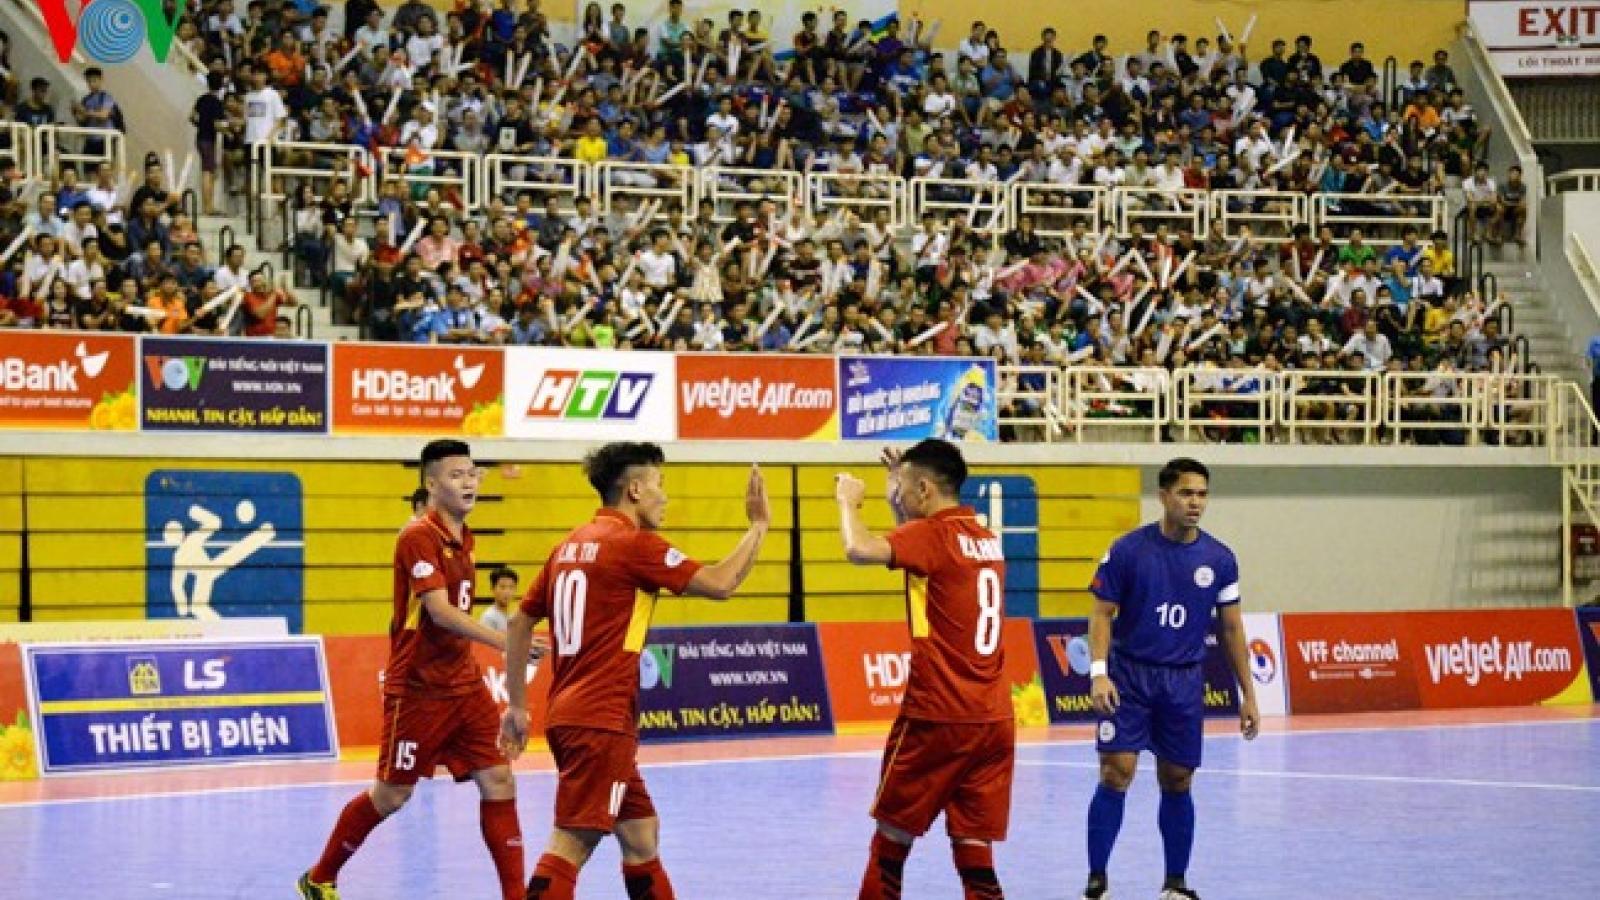 Ngày này năm xưa: ĐT Futsal Việt Nam có trận thắng đậm nhất lịch sử